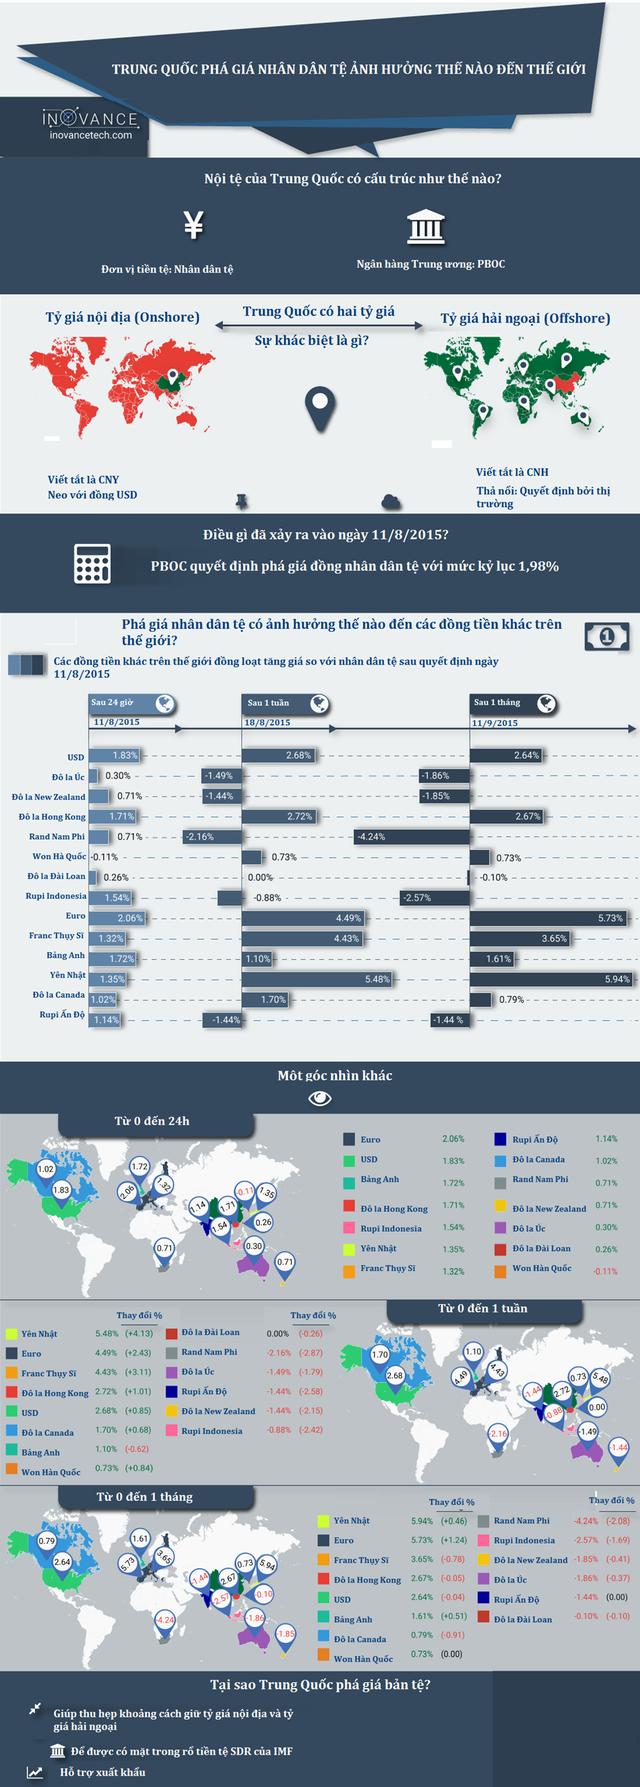 Trung Quốc phá giá NDT ảnh hưởng thế nào đến thế giới? ảnh 2